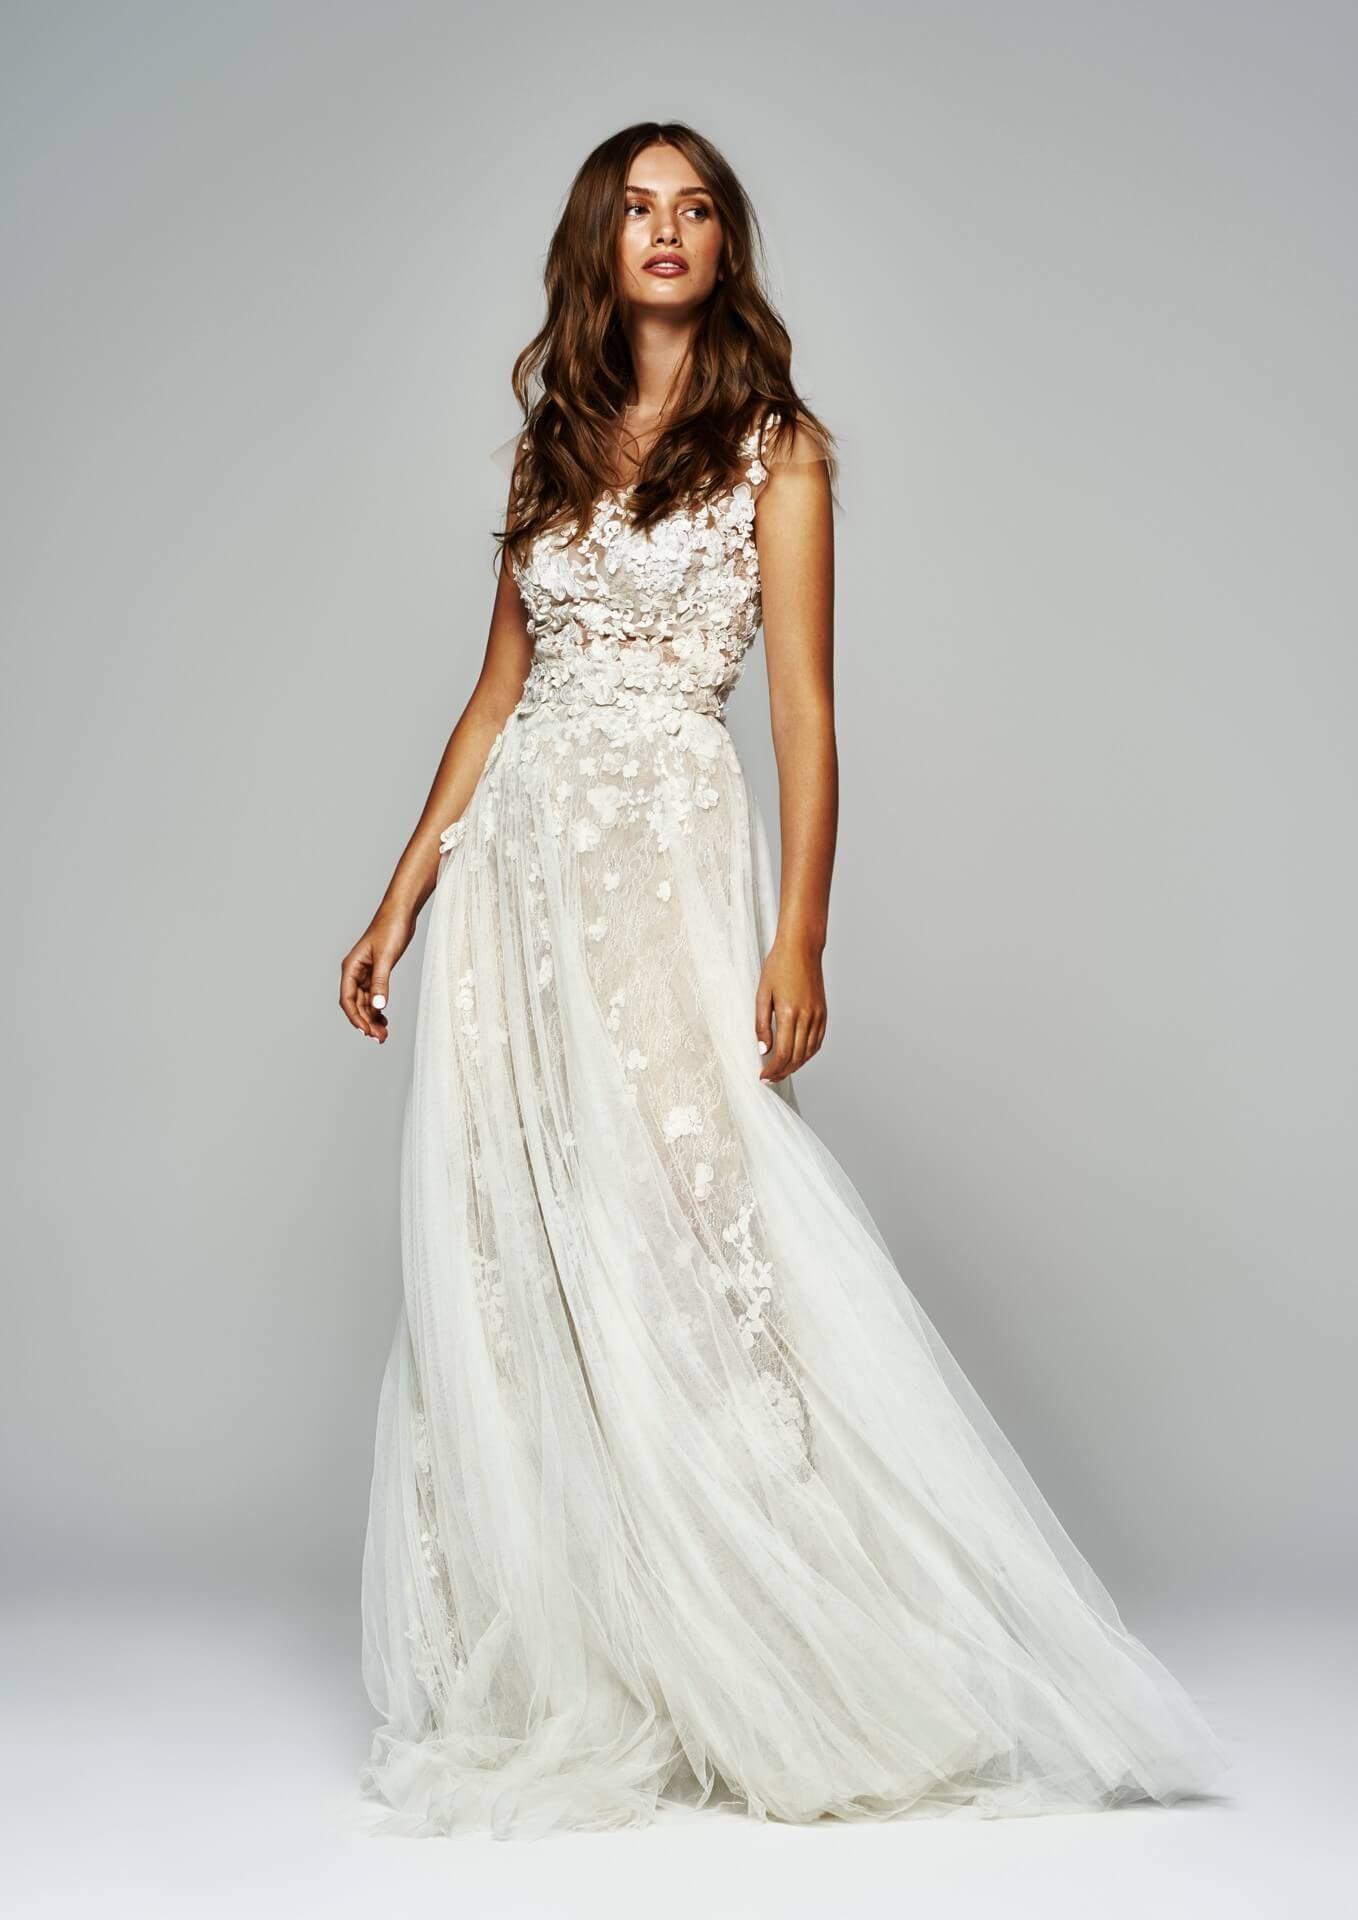 Salon Sukien Slubnych Projektantka Sukien Slubnych Sylwia Kopczynska Dresses Wedding Dresses Wedding Dresses Lace